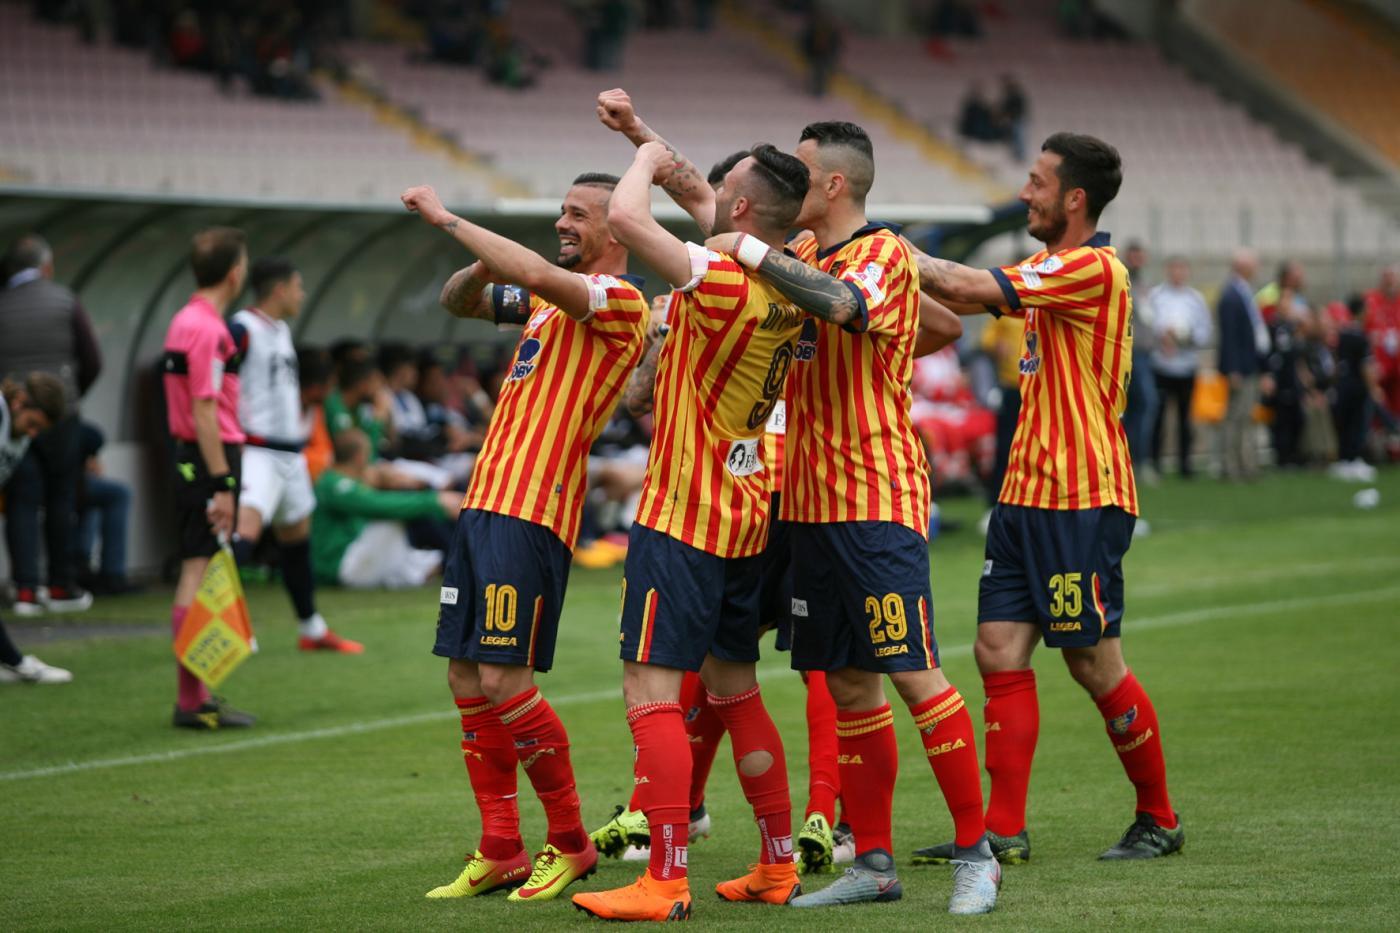 Serie B, Lecce-Cremonese domenica 25 novembre: analisi e pronostico della 13ma giornata della seconda divisione italiana